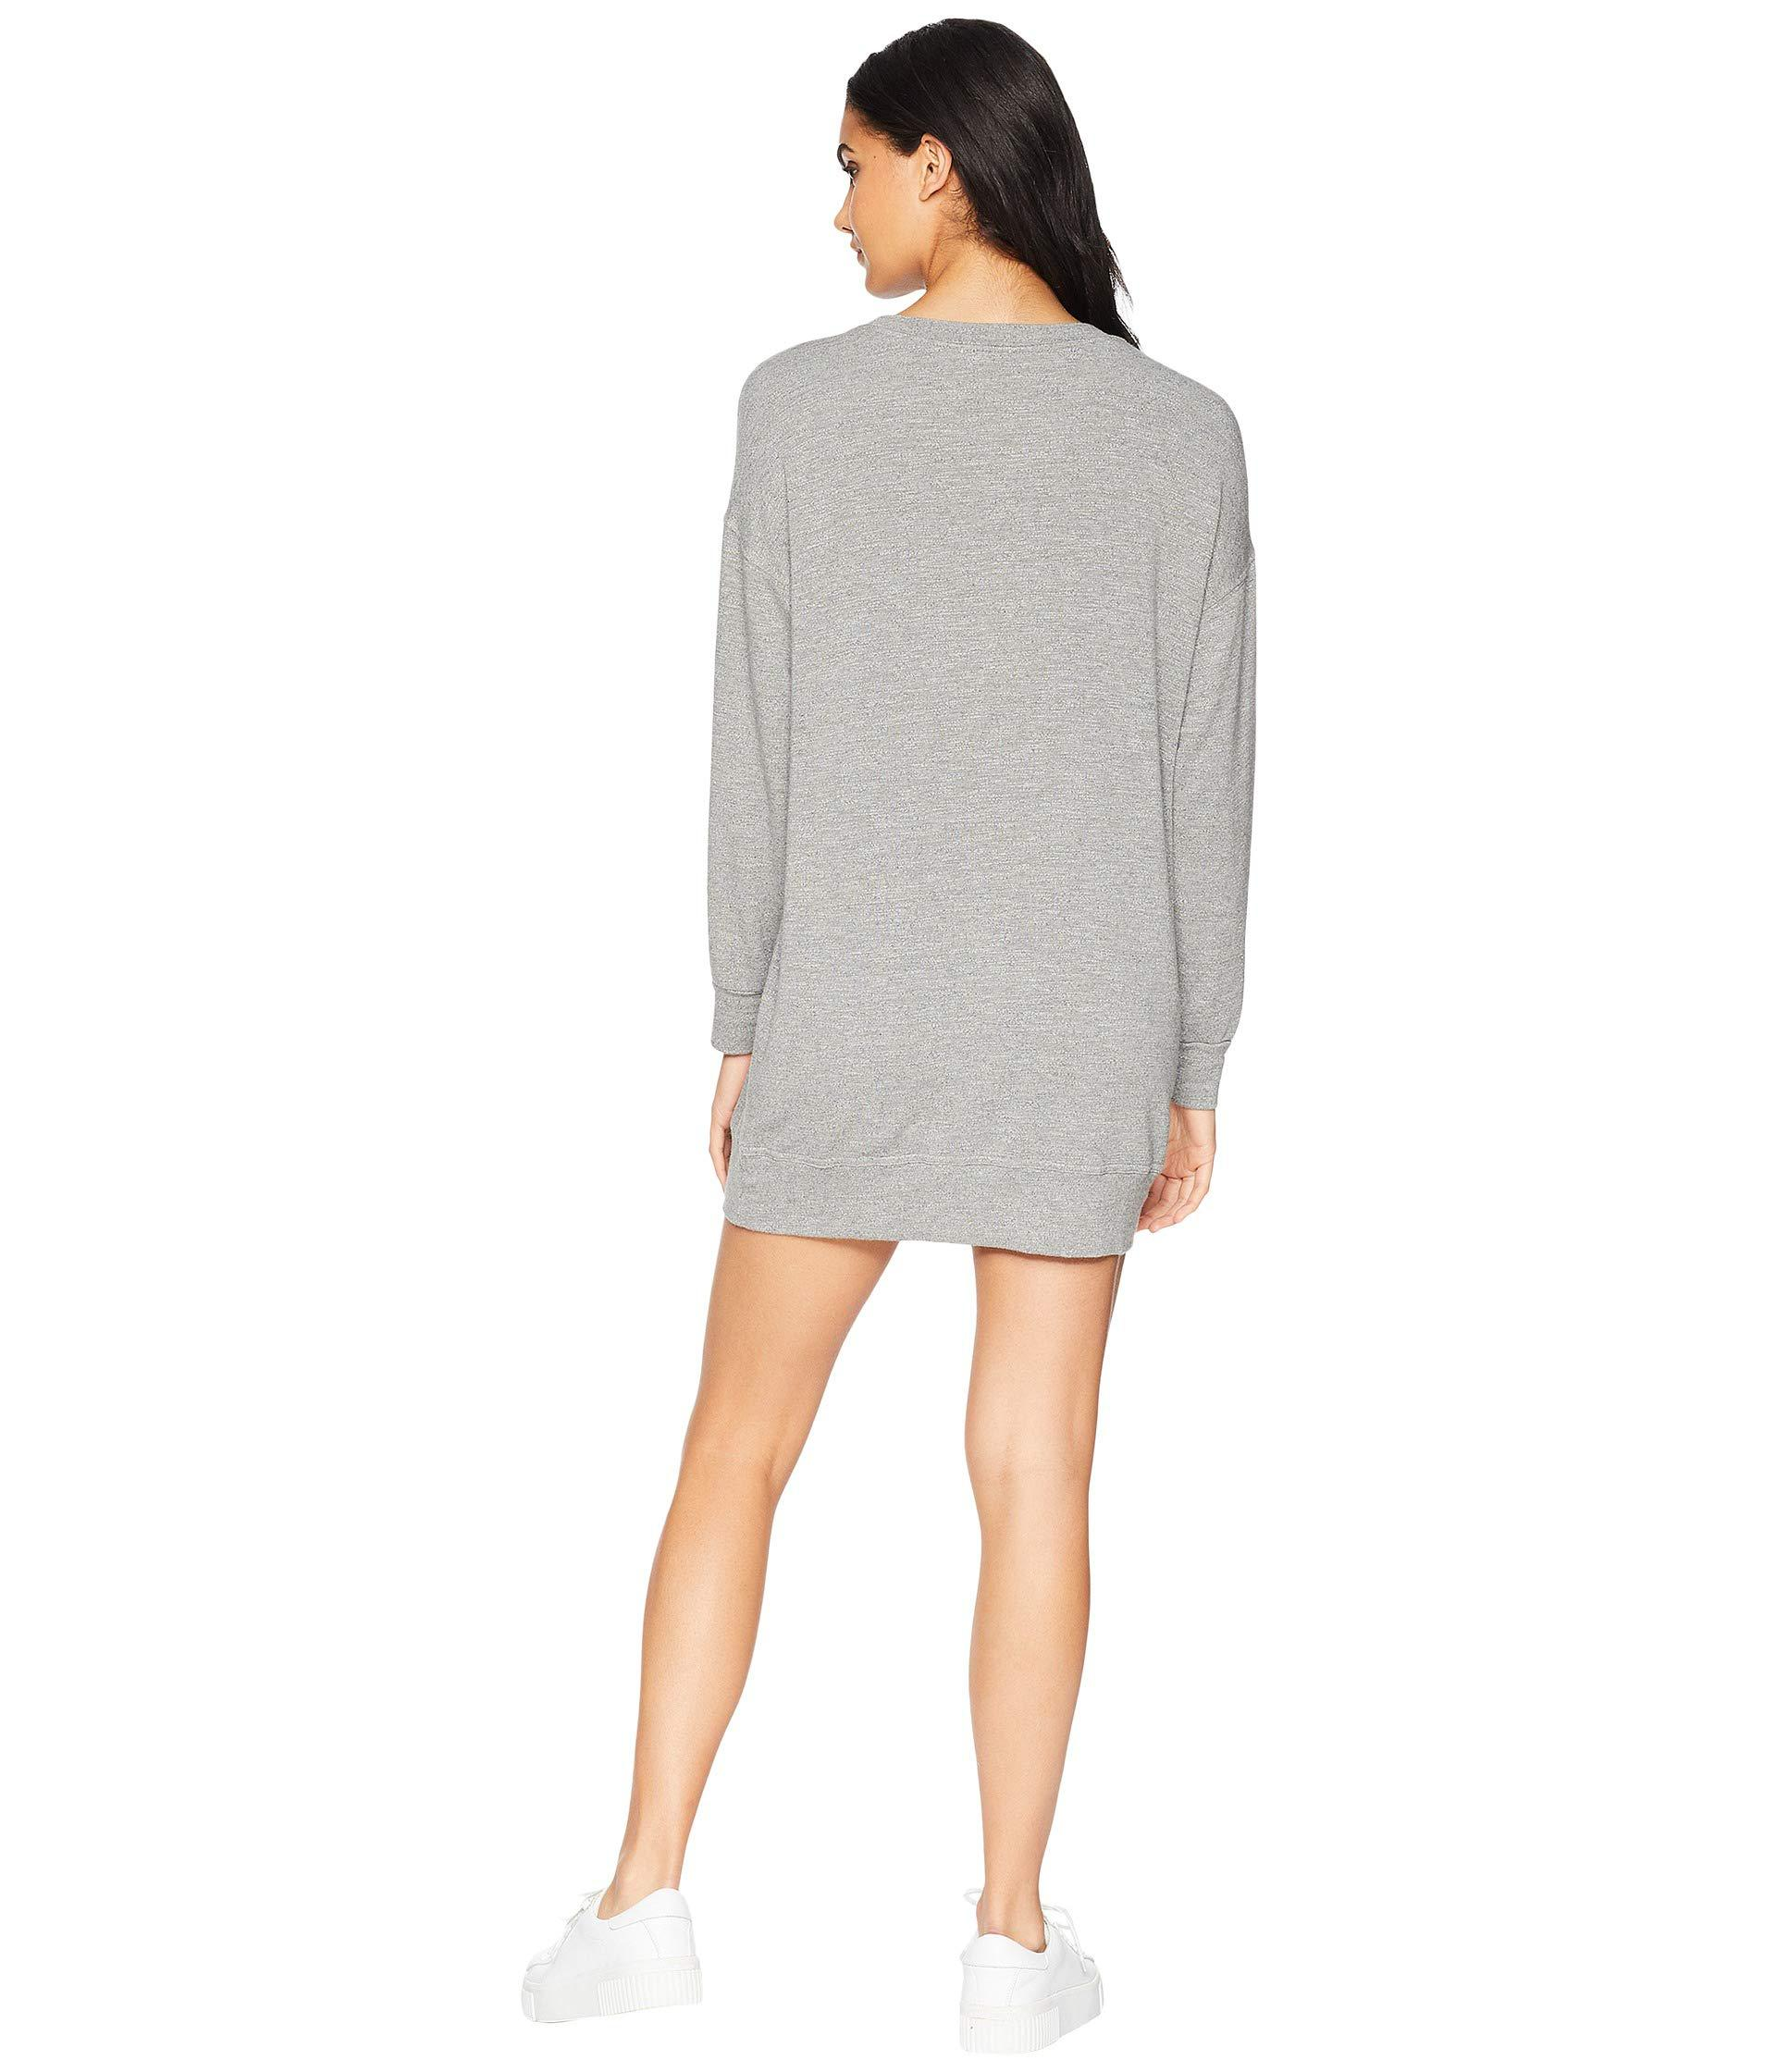 Lyst - Splendid Dream Slub Courtside Sweatshirt Dress (heather Grey ... a86750f33b